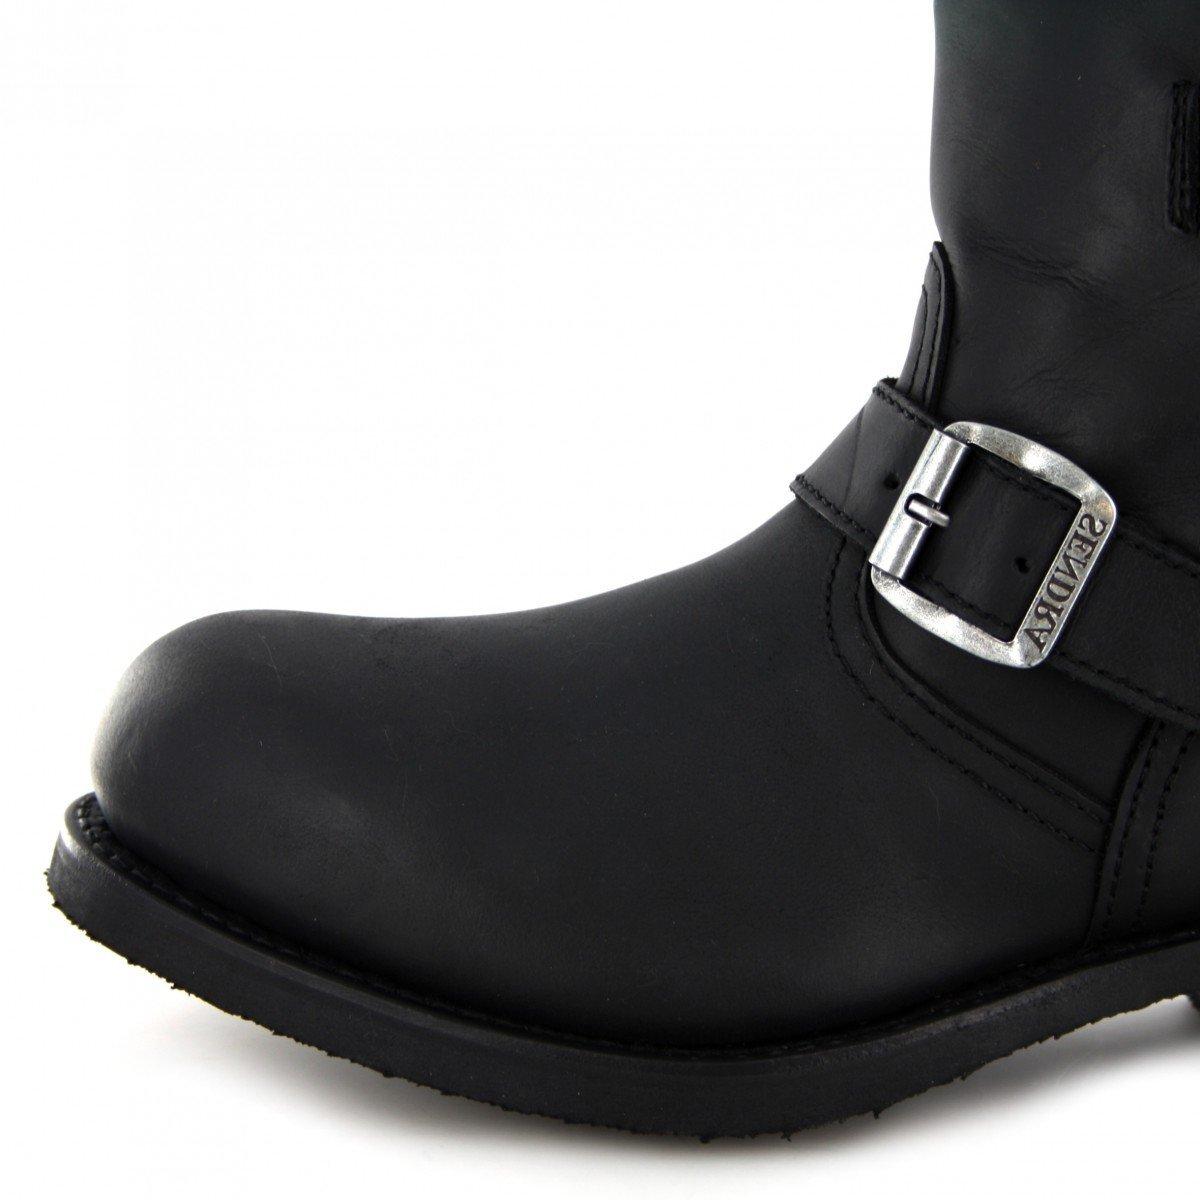 Sendra Boots 11973 Isolierung Negro Engineerstiefelette mit Thinsulate Isolierung 11973 und Stahlkappe für Damen und Herren Schwarz Schwarz f00d67